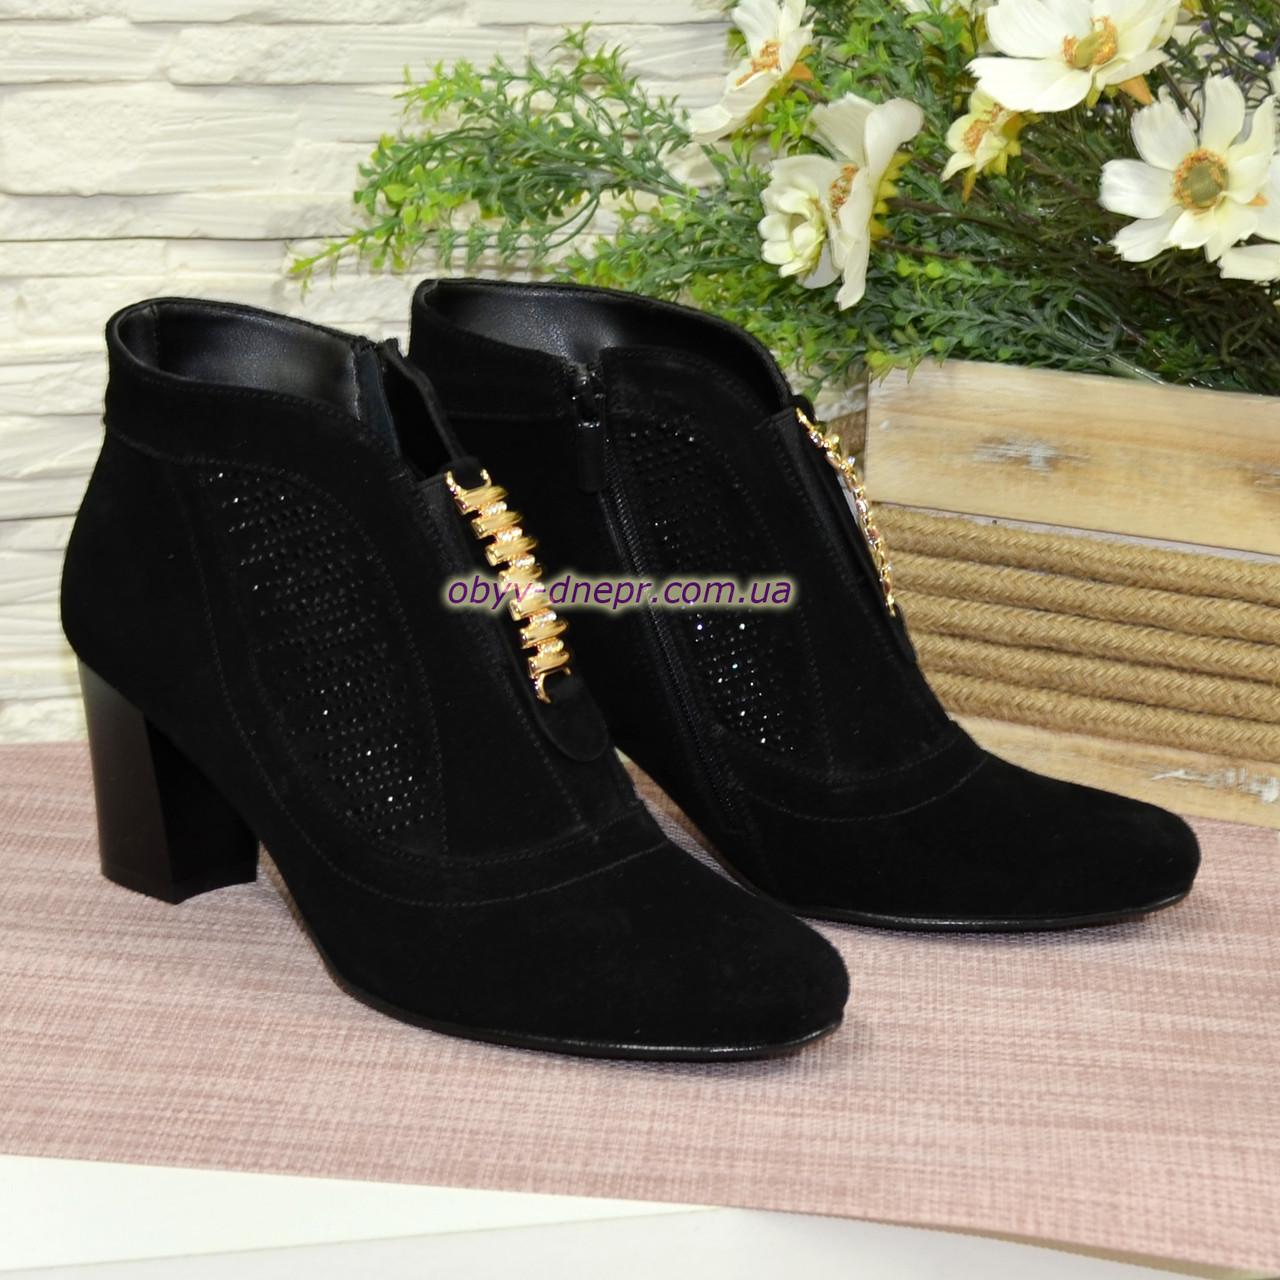 Стильные женские замшевые демисезонные ботинки, декорированы стразами и фурнитурой